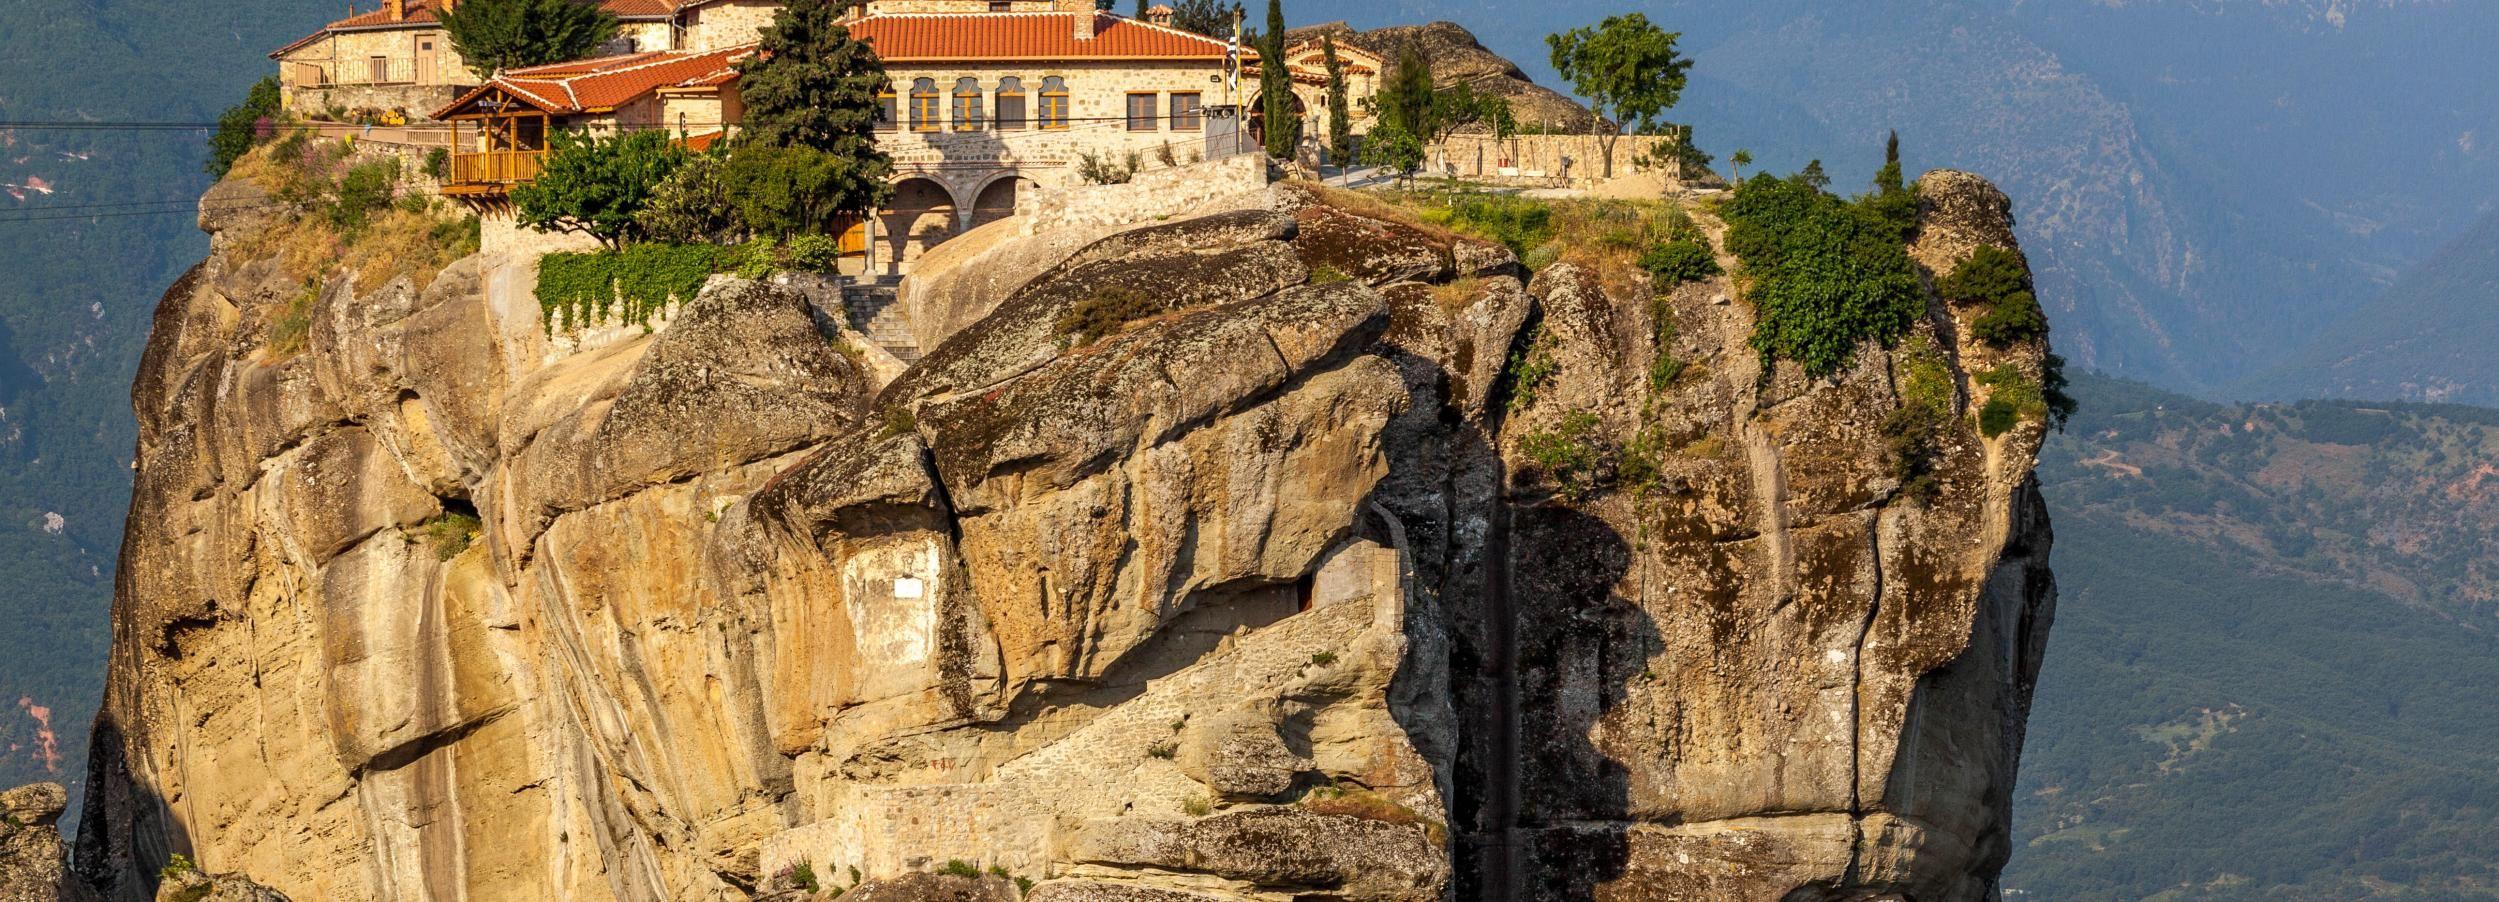 Desde Atenas: excursión guiada de 2 días a Delfos y Meteora